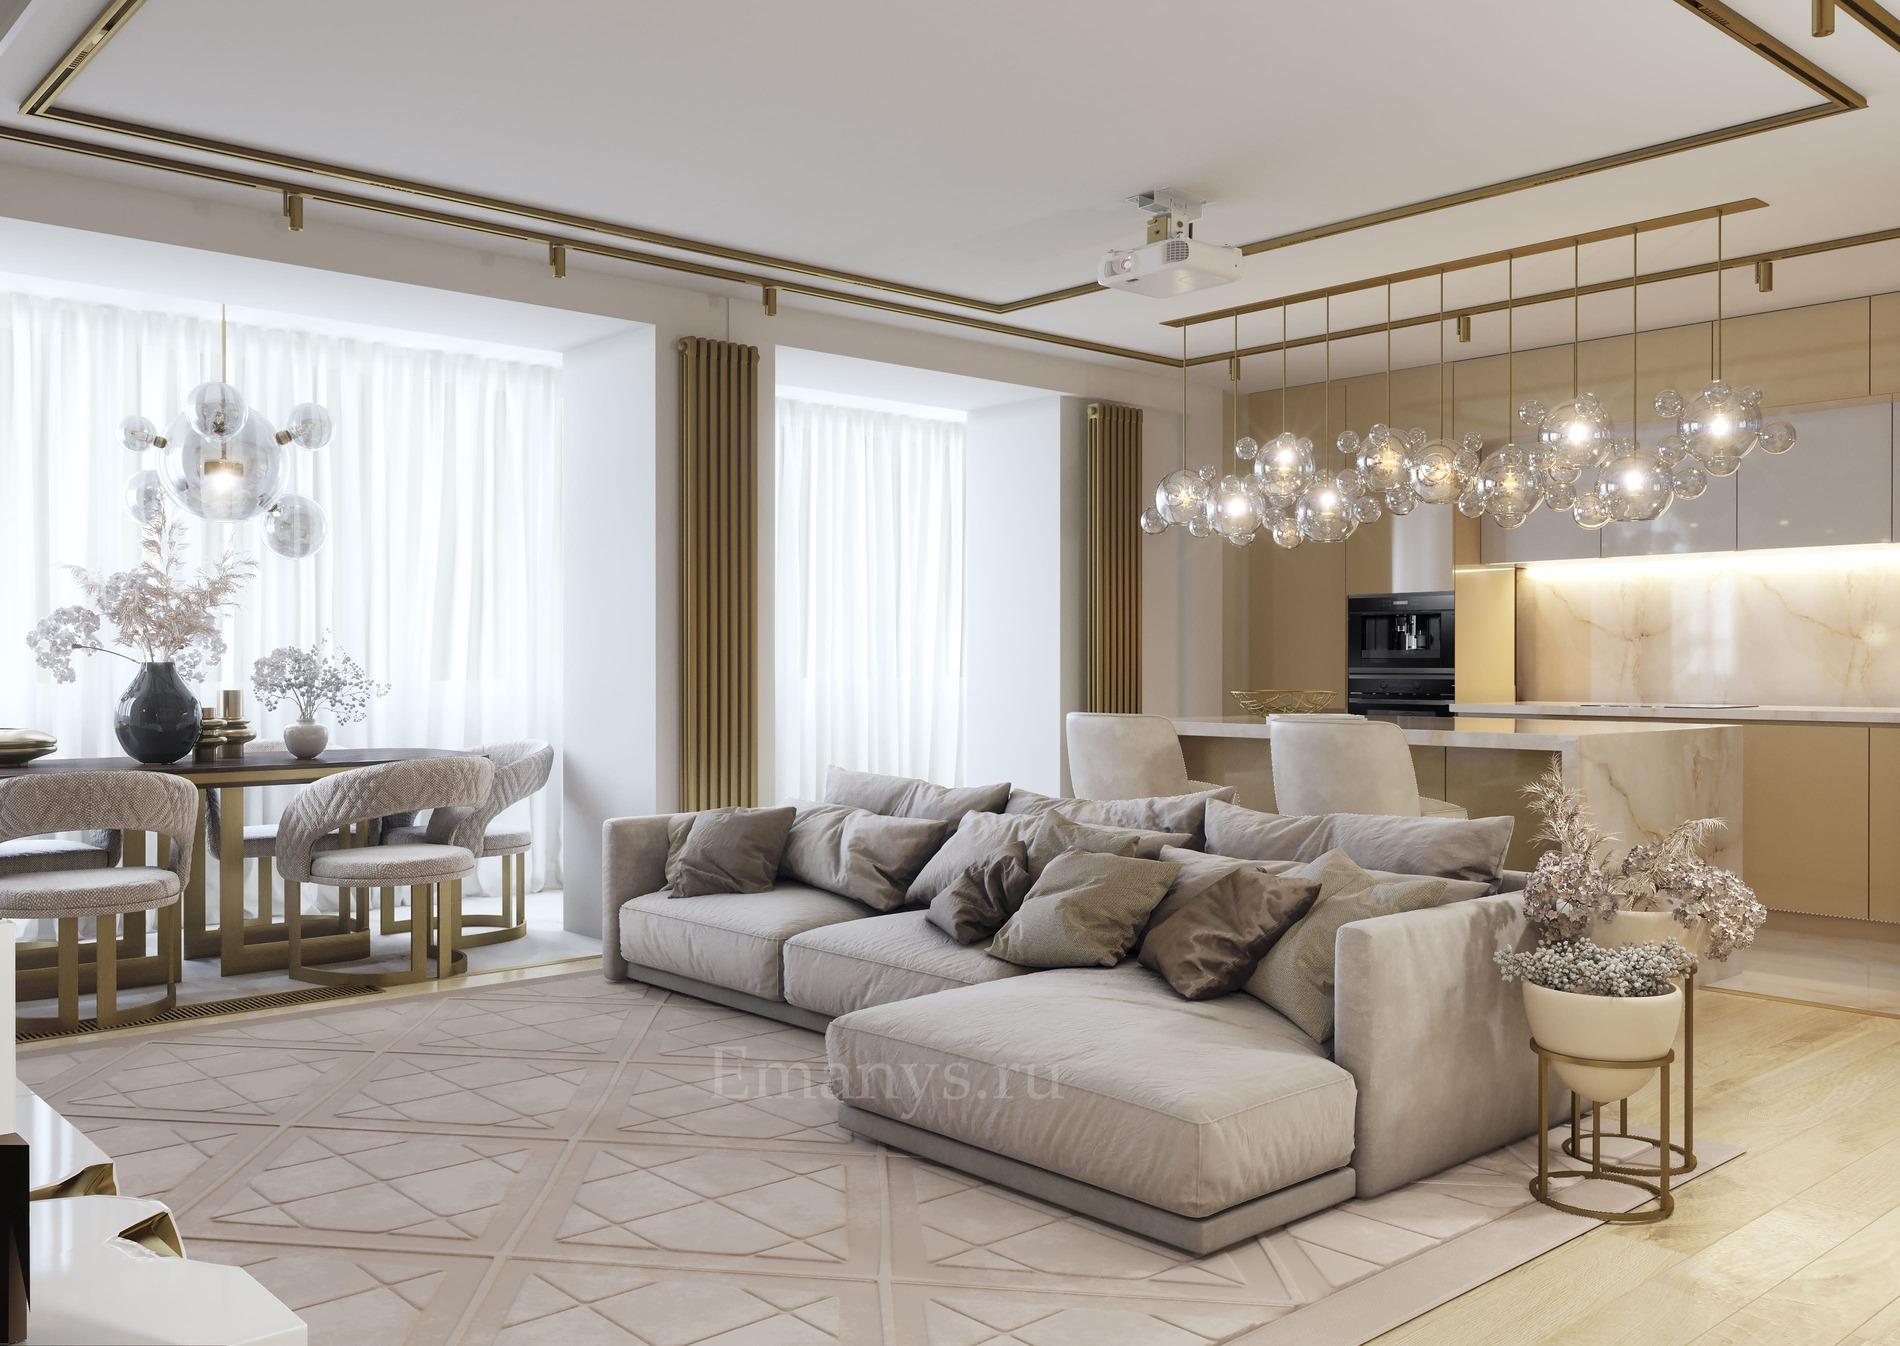 Дизайн интерьера гостинной Emanys